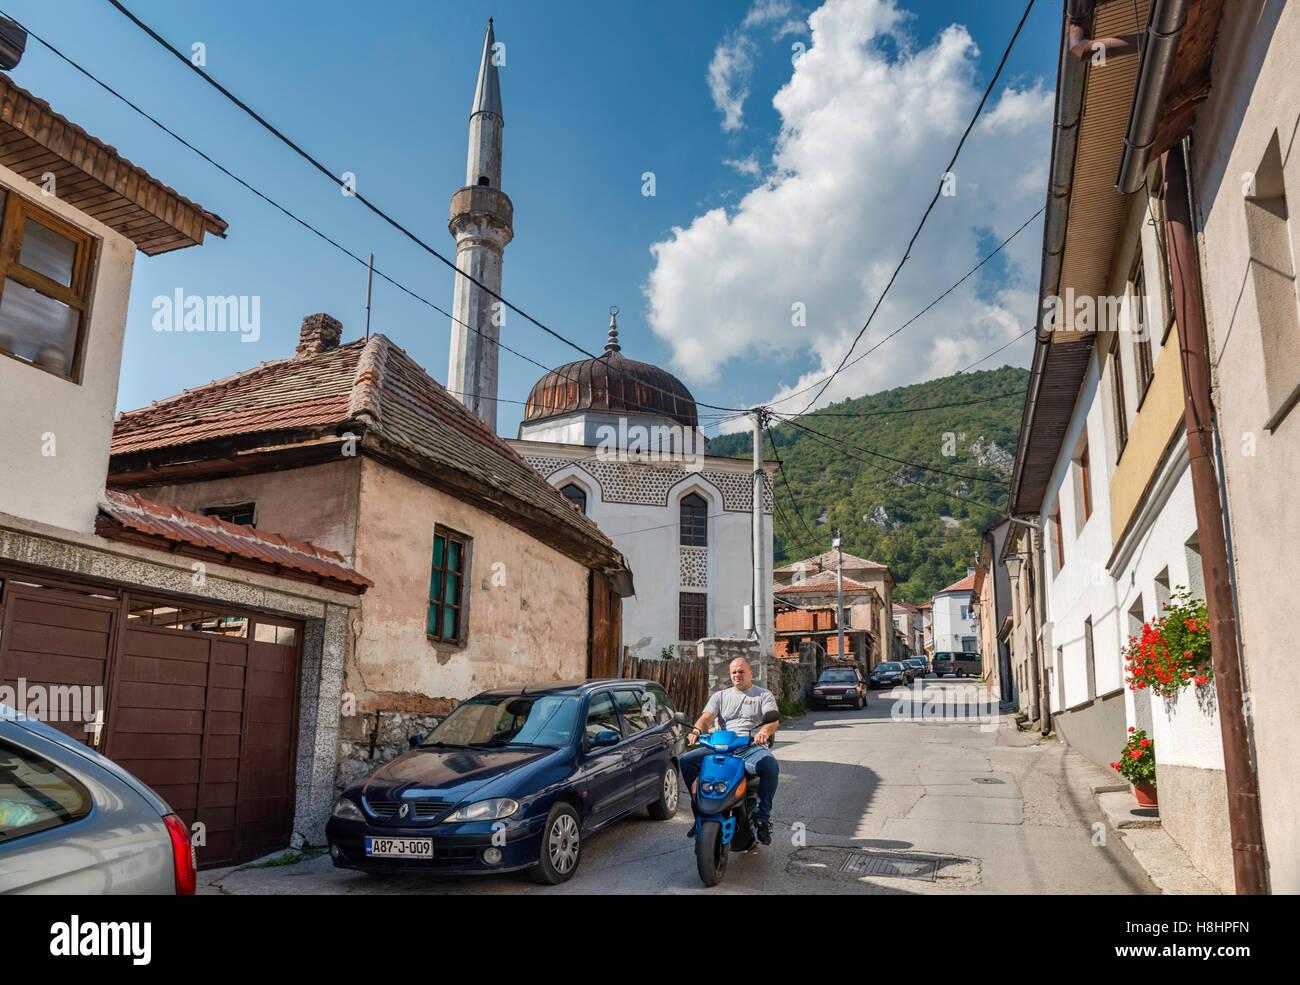 Varoska Mosque in Travnik, Bosnia and Herzegovina - Stock Image